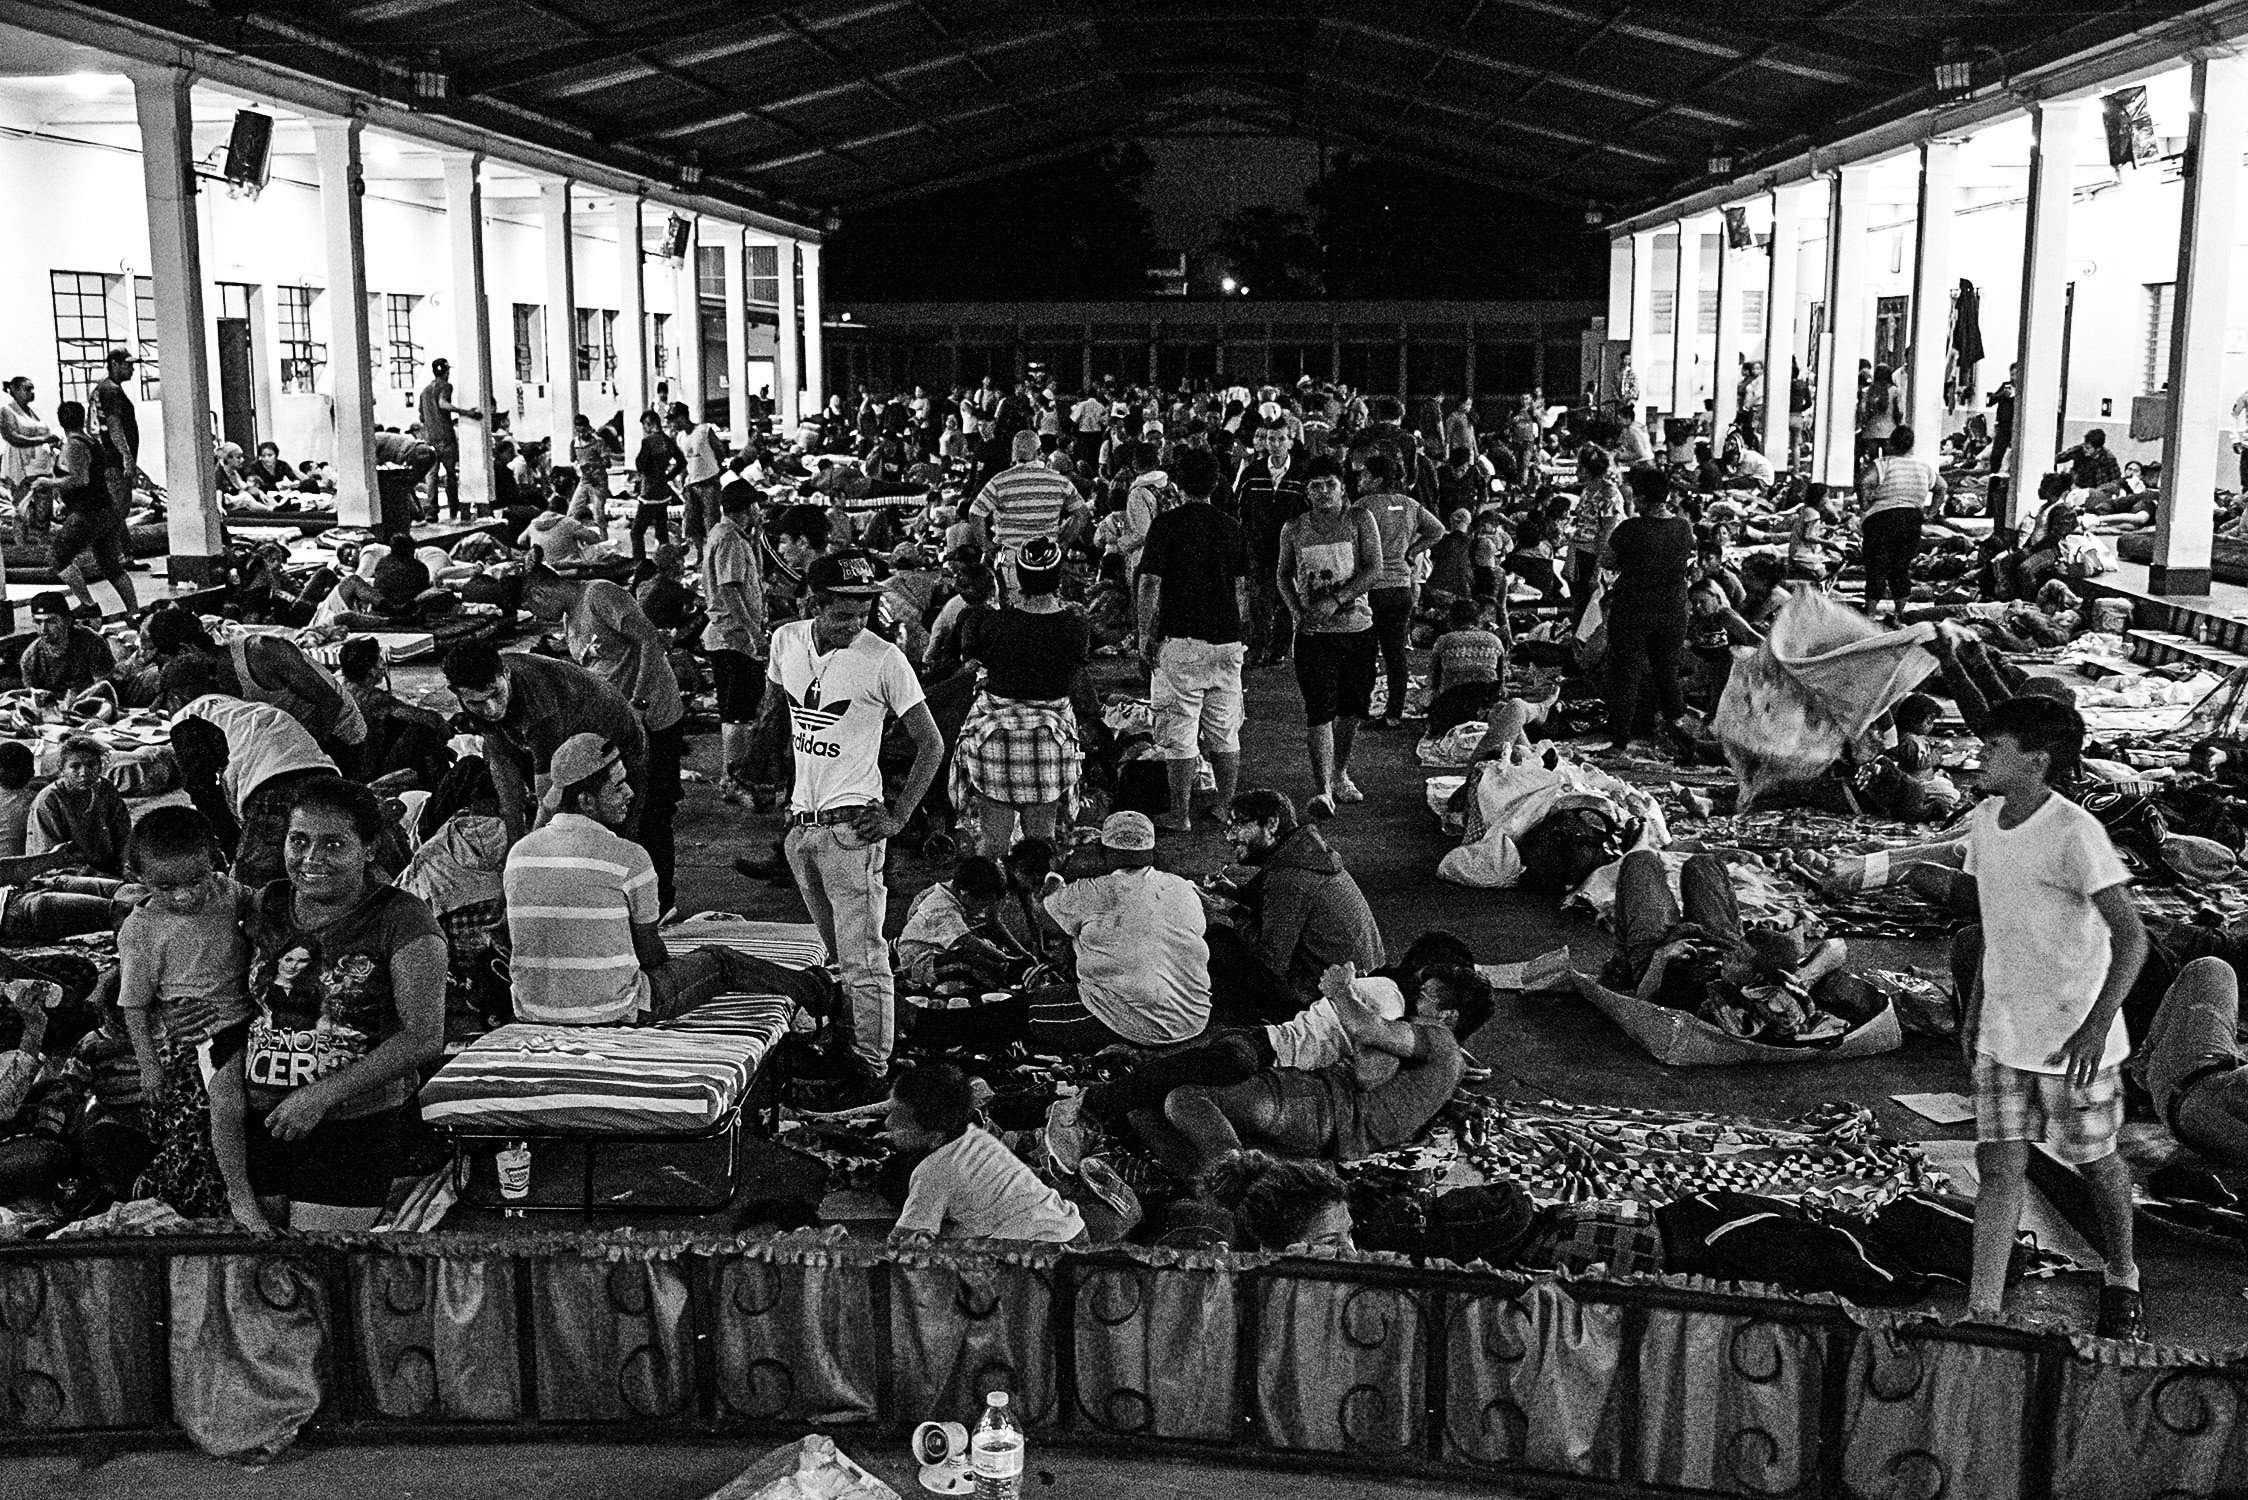 Caravana de migrantes: la xenofobia una acción institucional y social